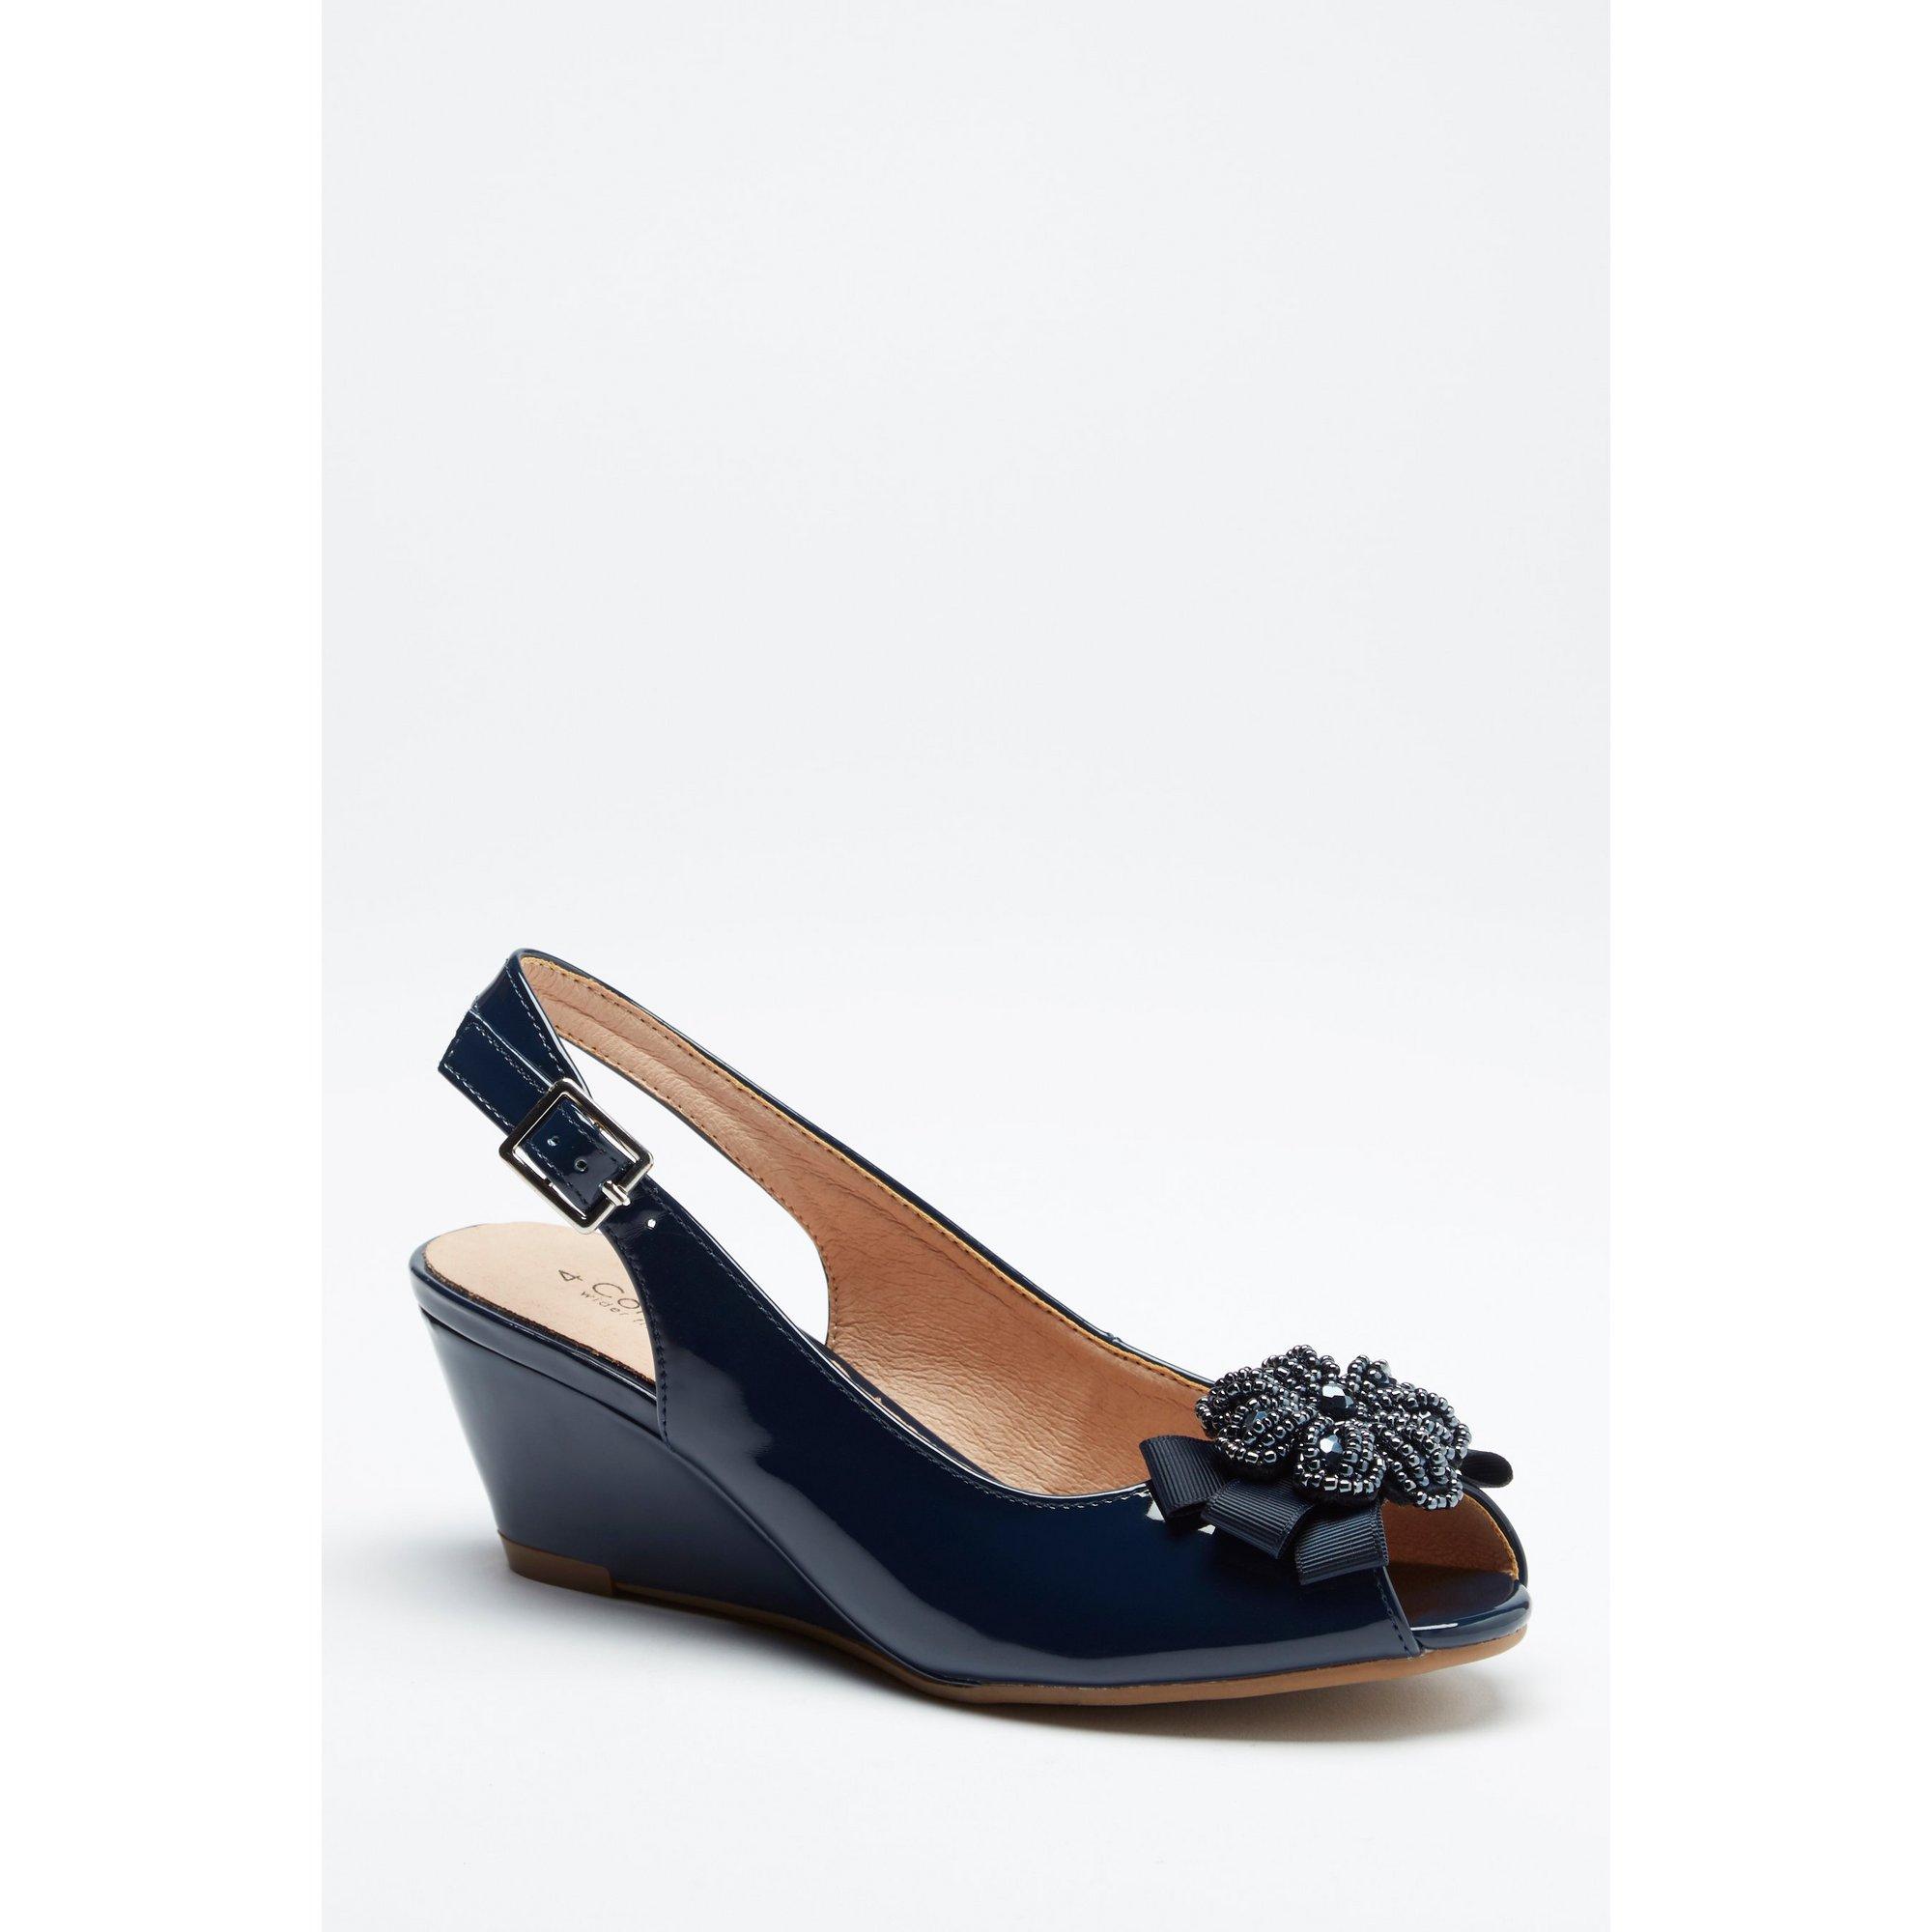 Image of Comfort Plus Navy Wedge Sandals